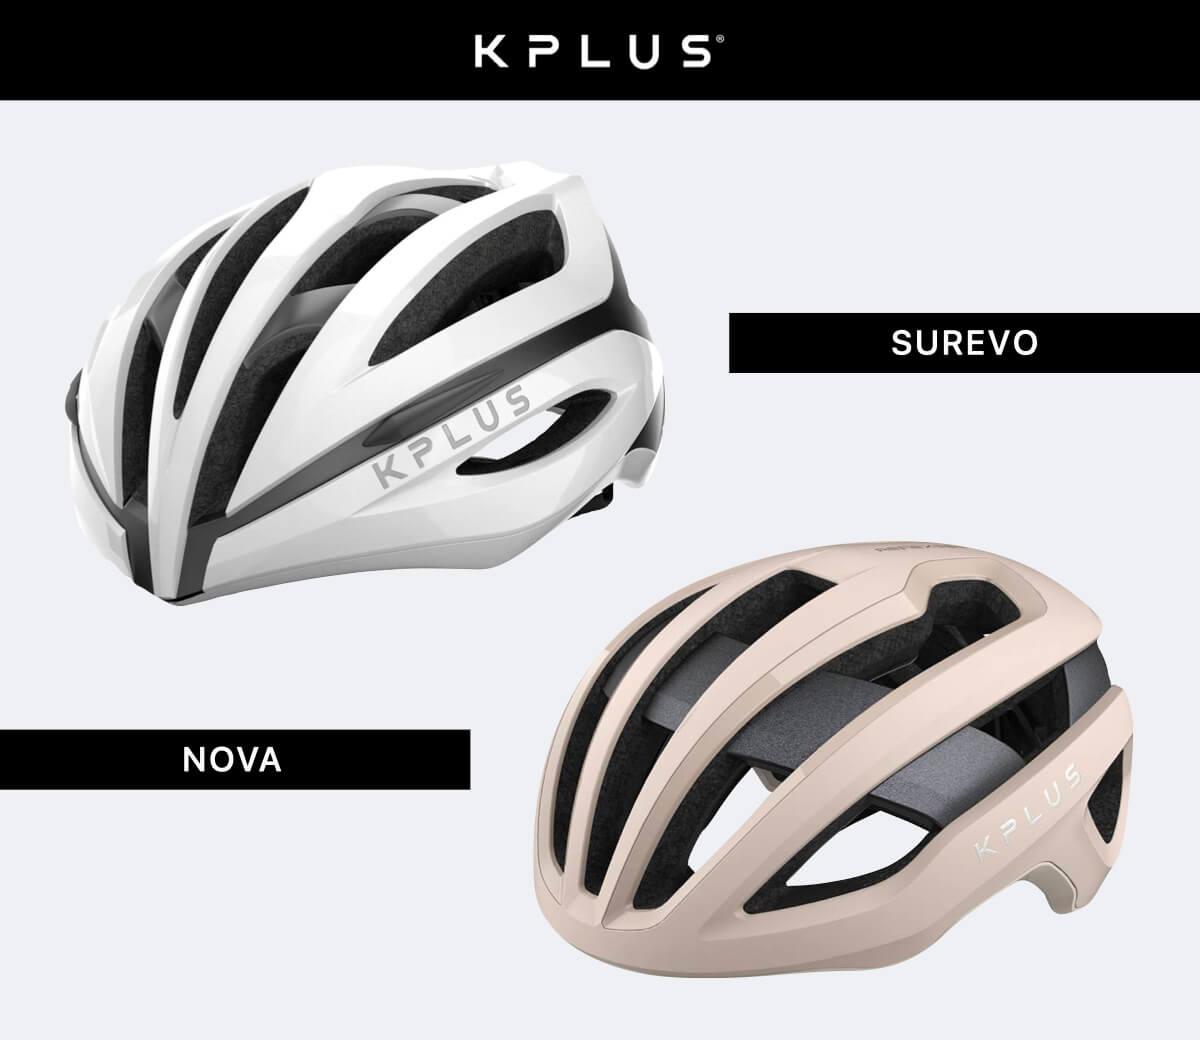 Kplus ヘルメットラインナップ